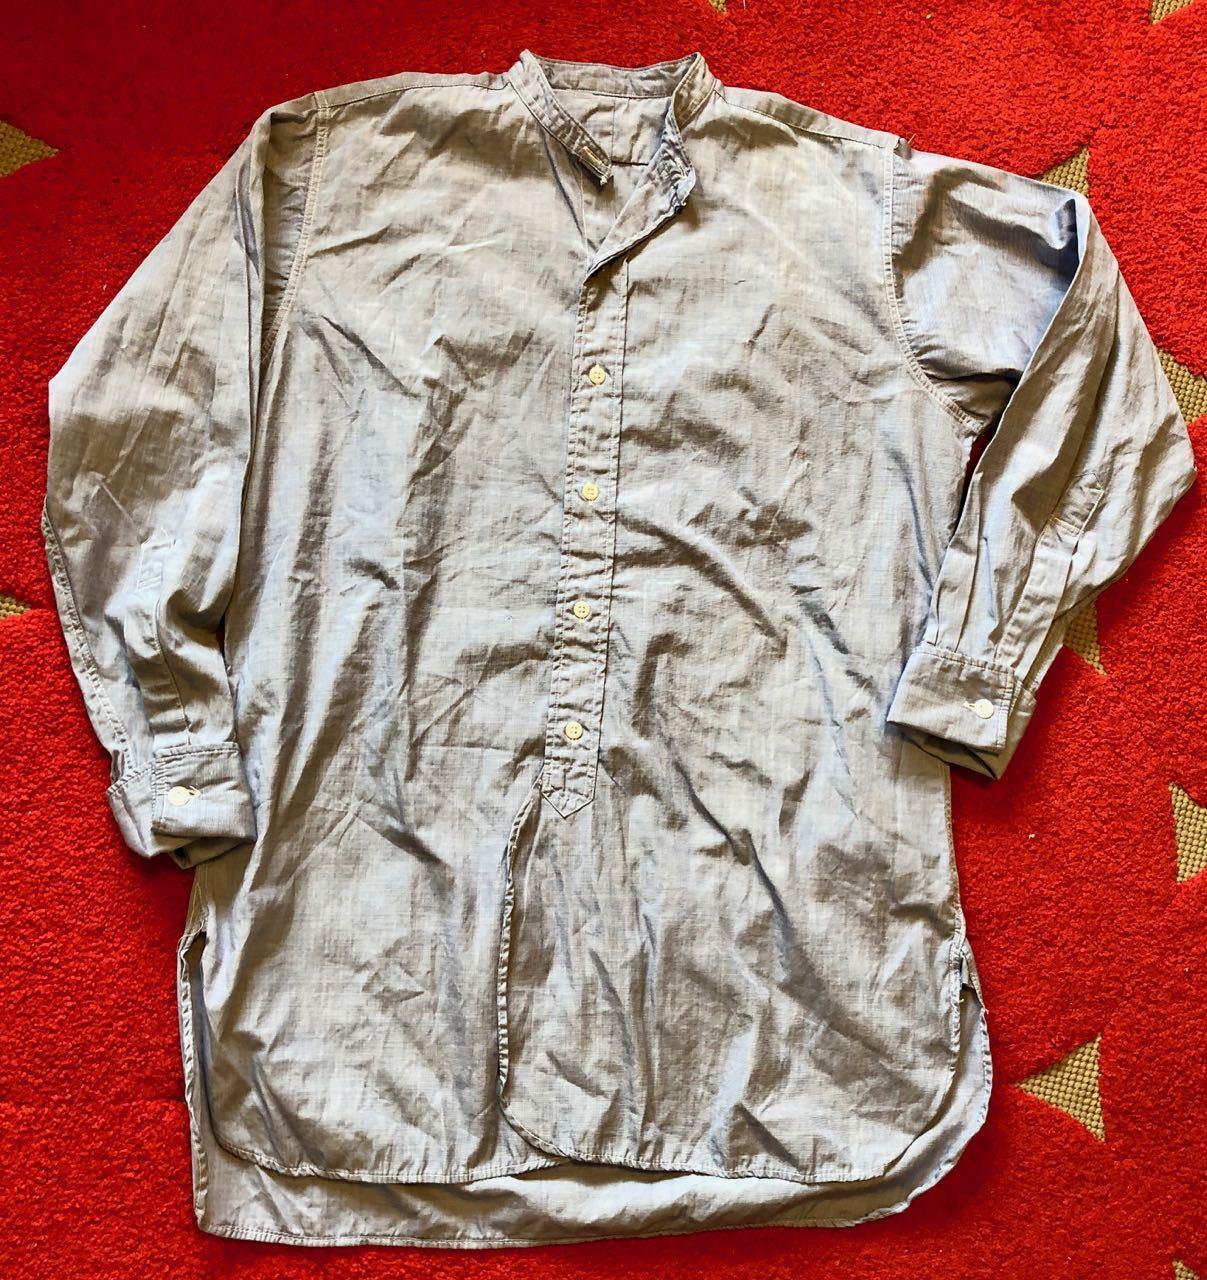 4月7日(日)入荷!60s  British Army Officer Shirts マチ付き ハケメ all cotton  ユーロビンテージシャツ! _c0144020_13211806.jpg